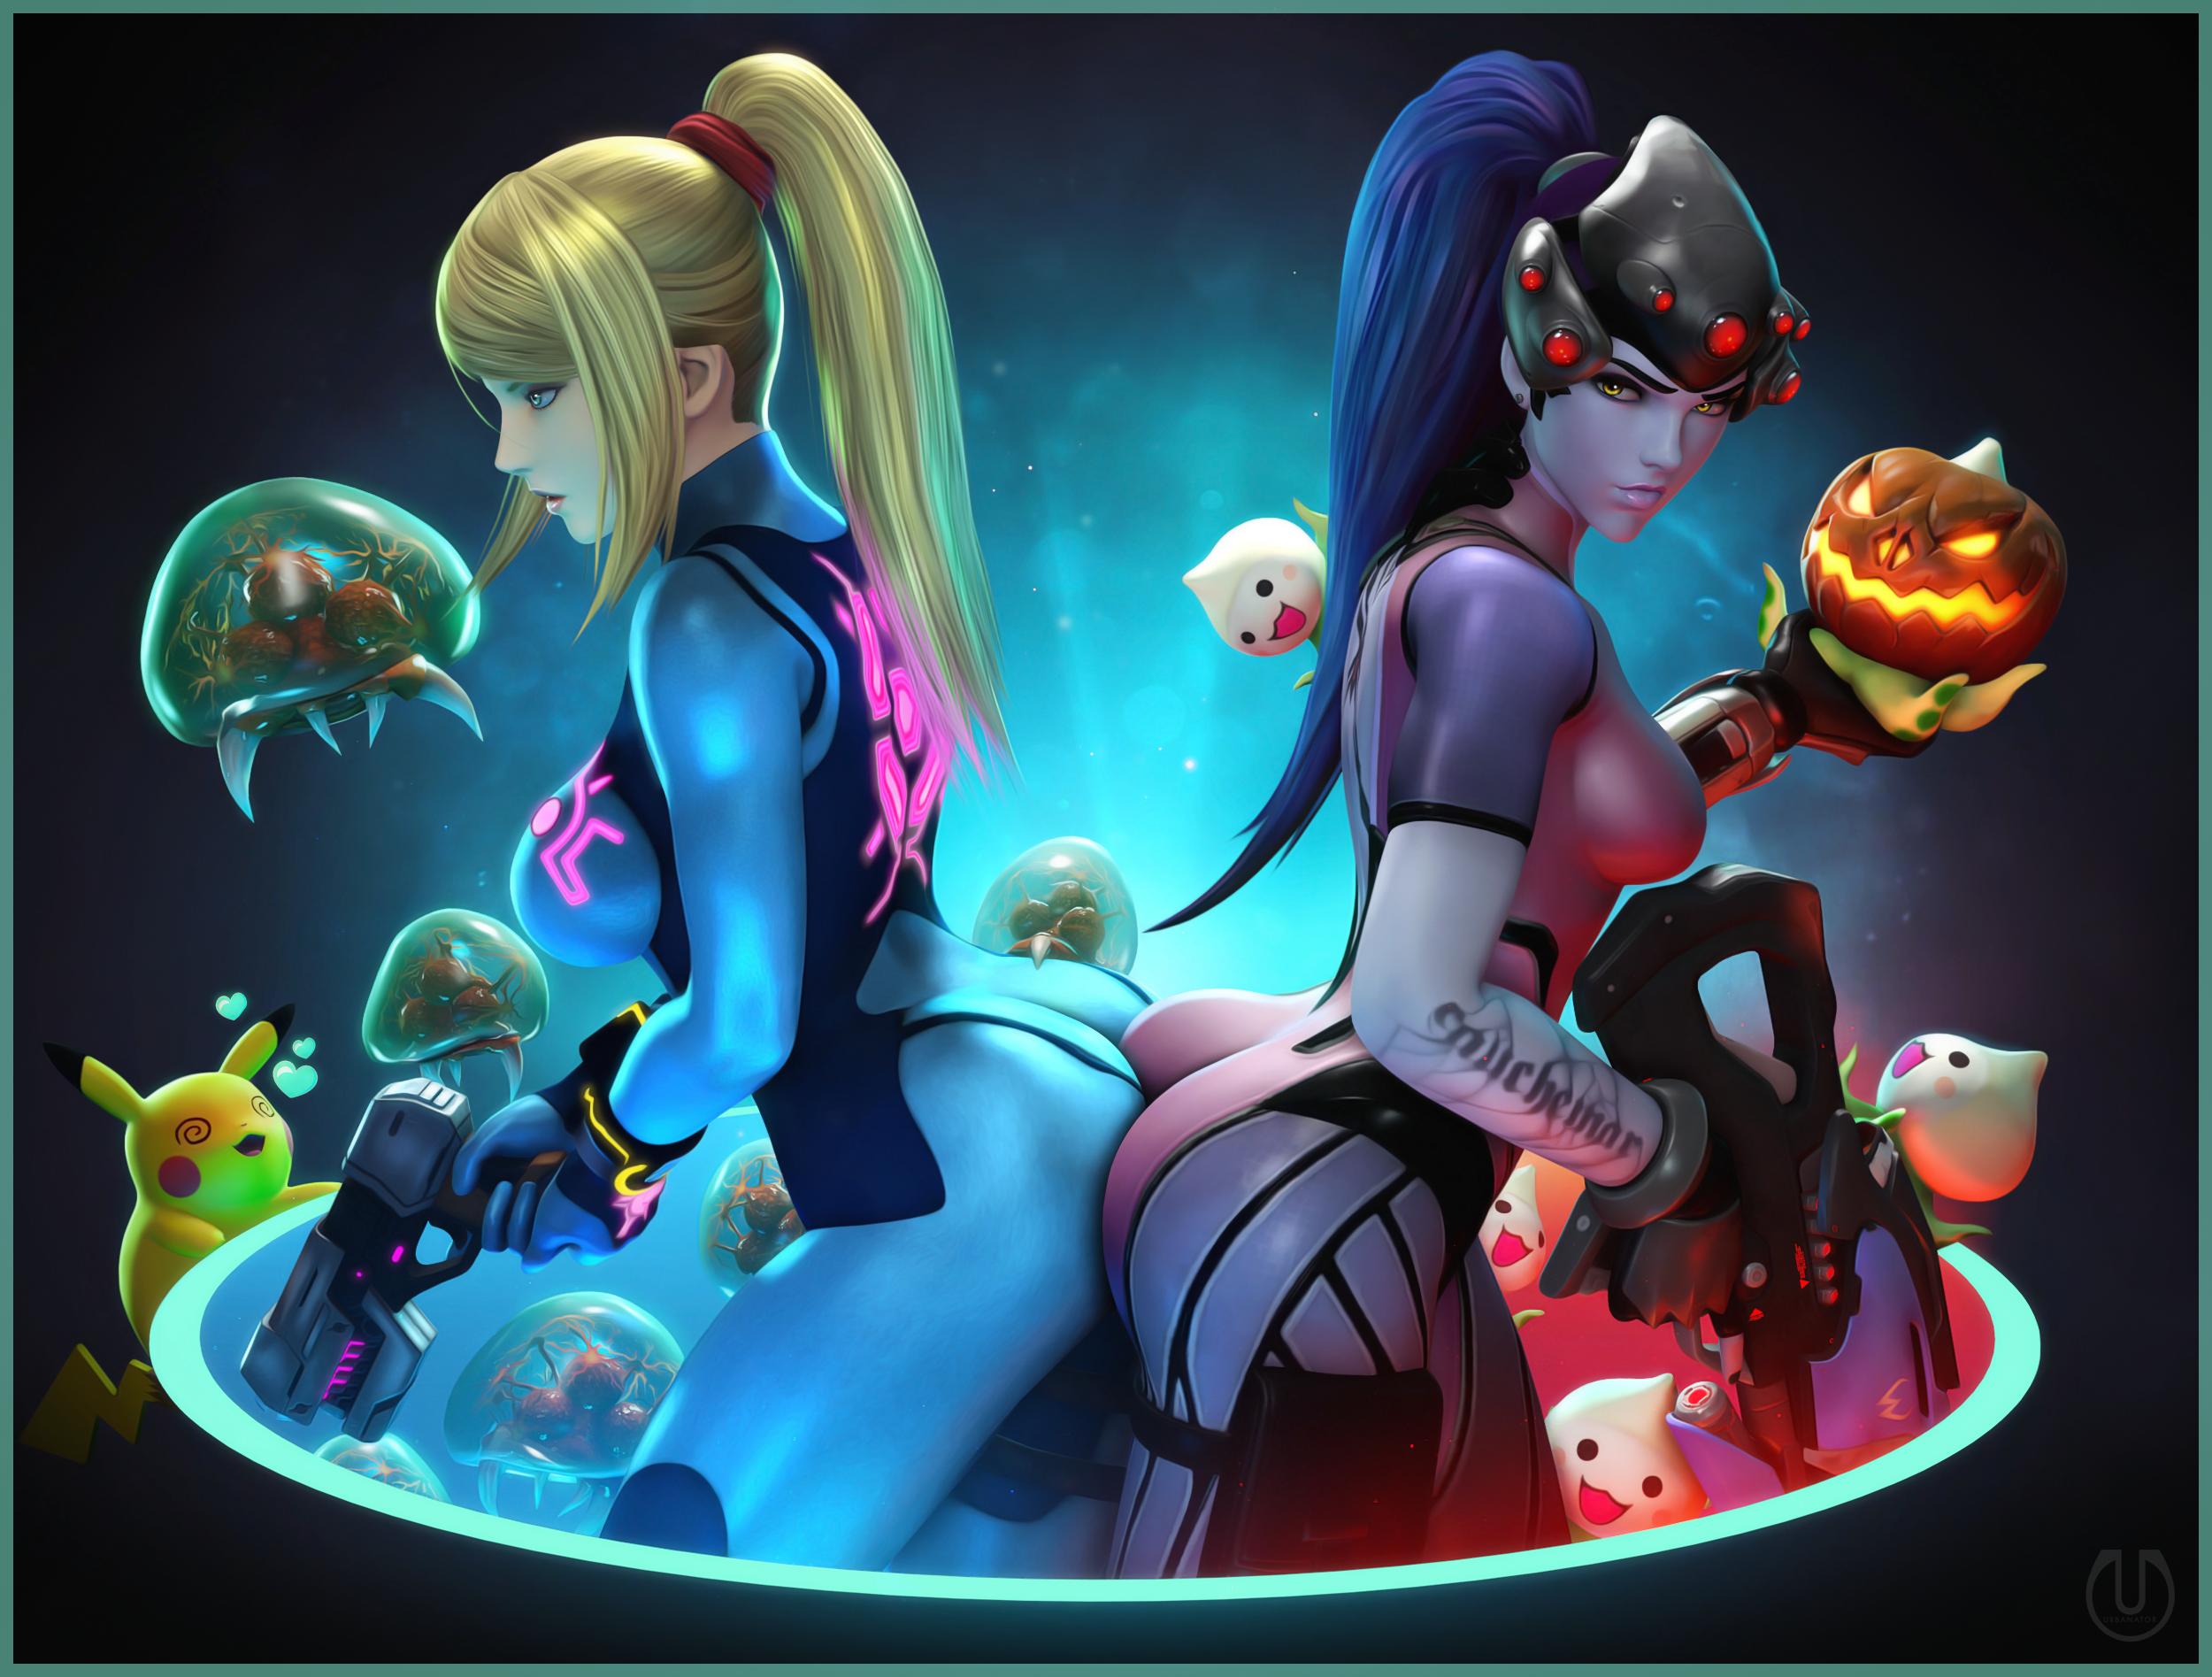 Zero Suit Samus and Widowmaker